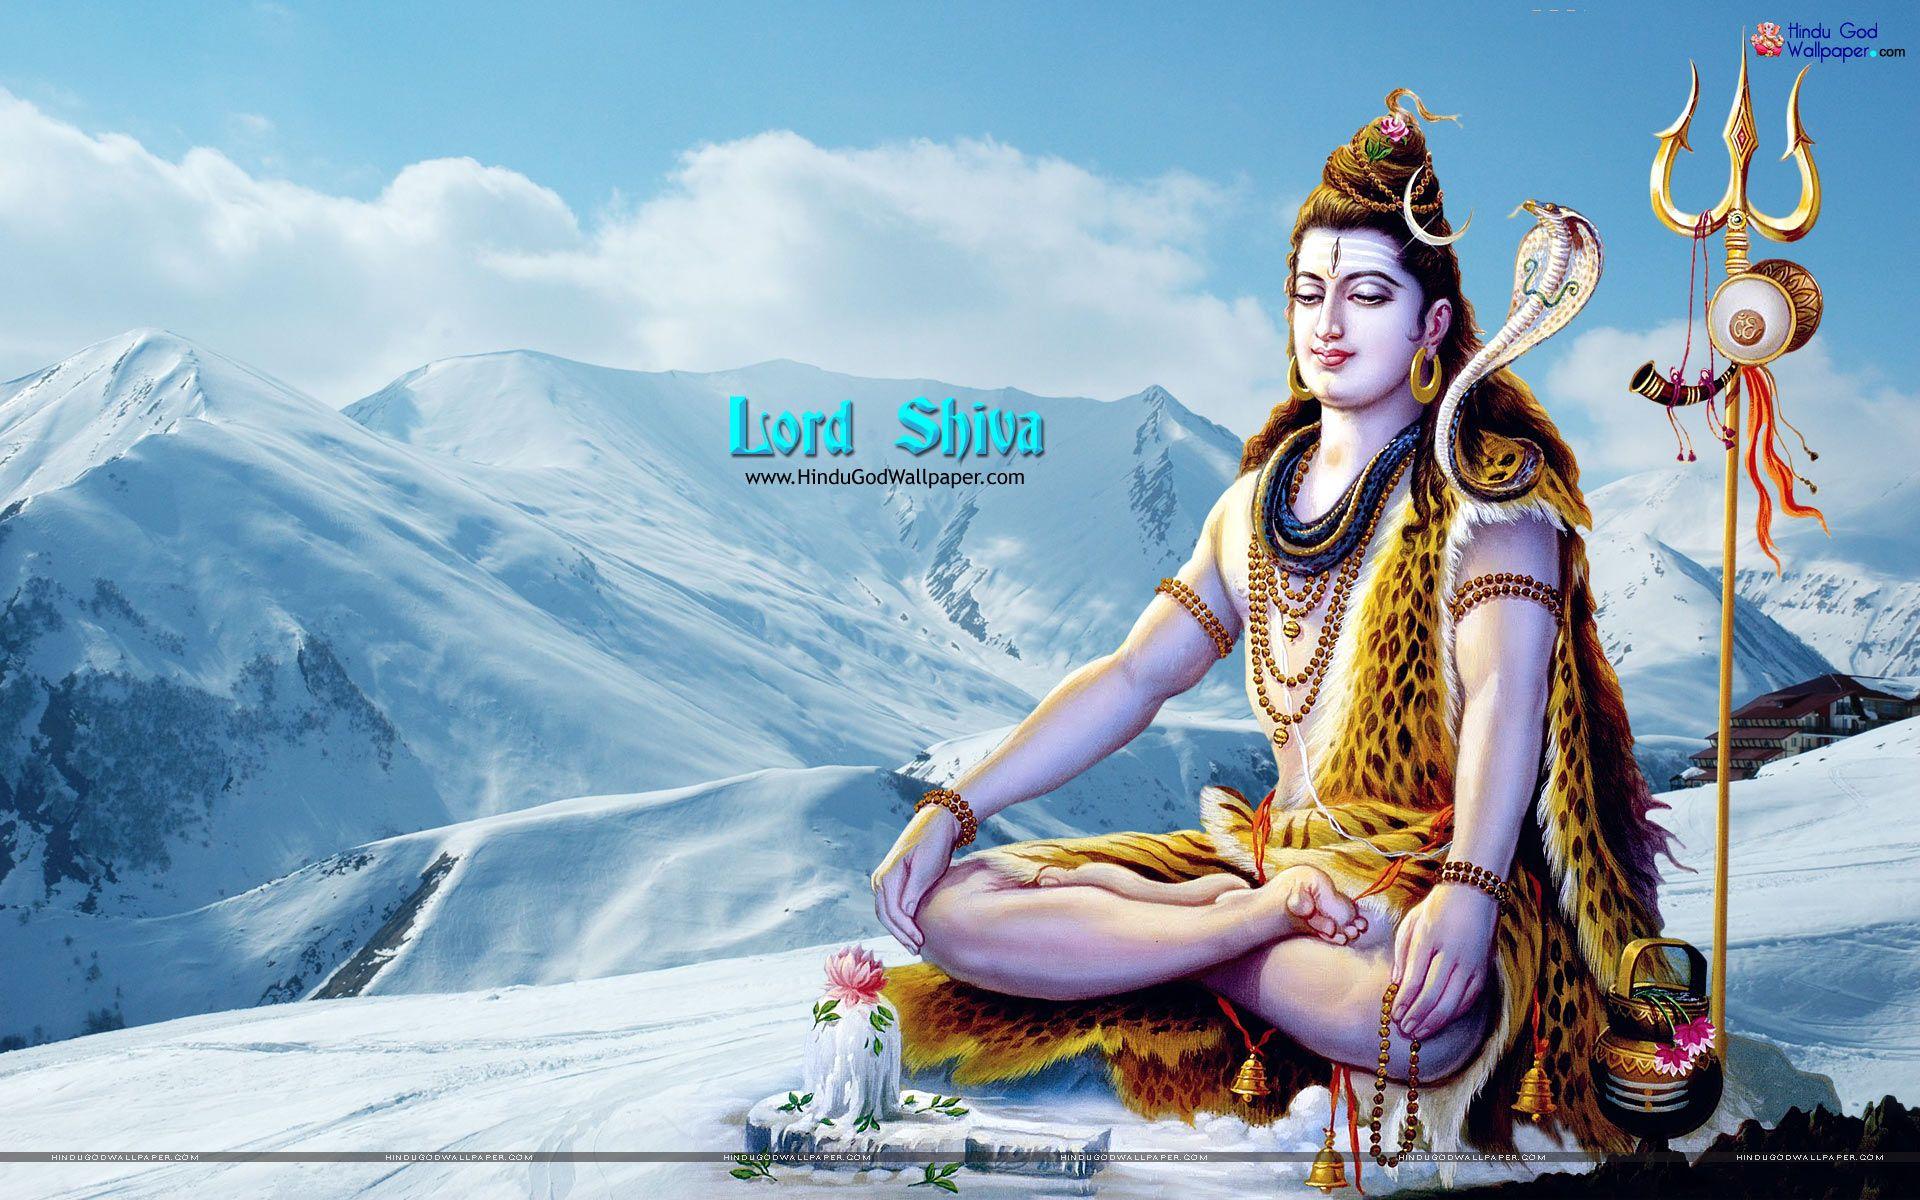 Hd wallpaper shiva - Lord Shiva Wallpaper Full Size Download